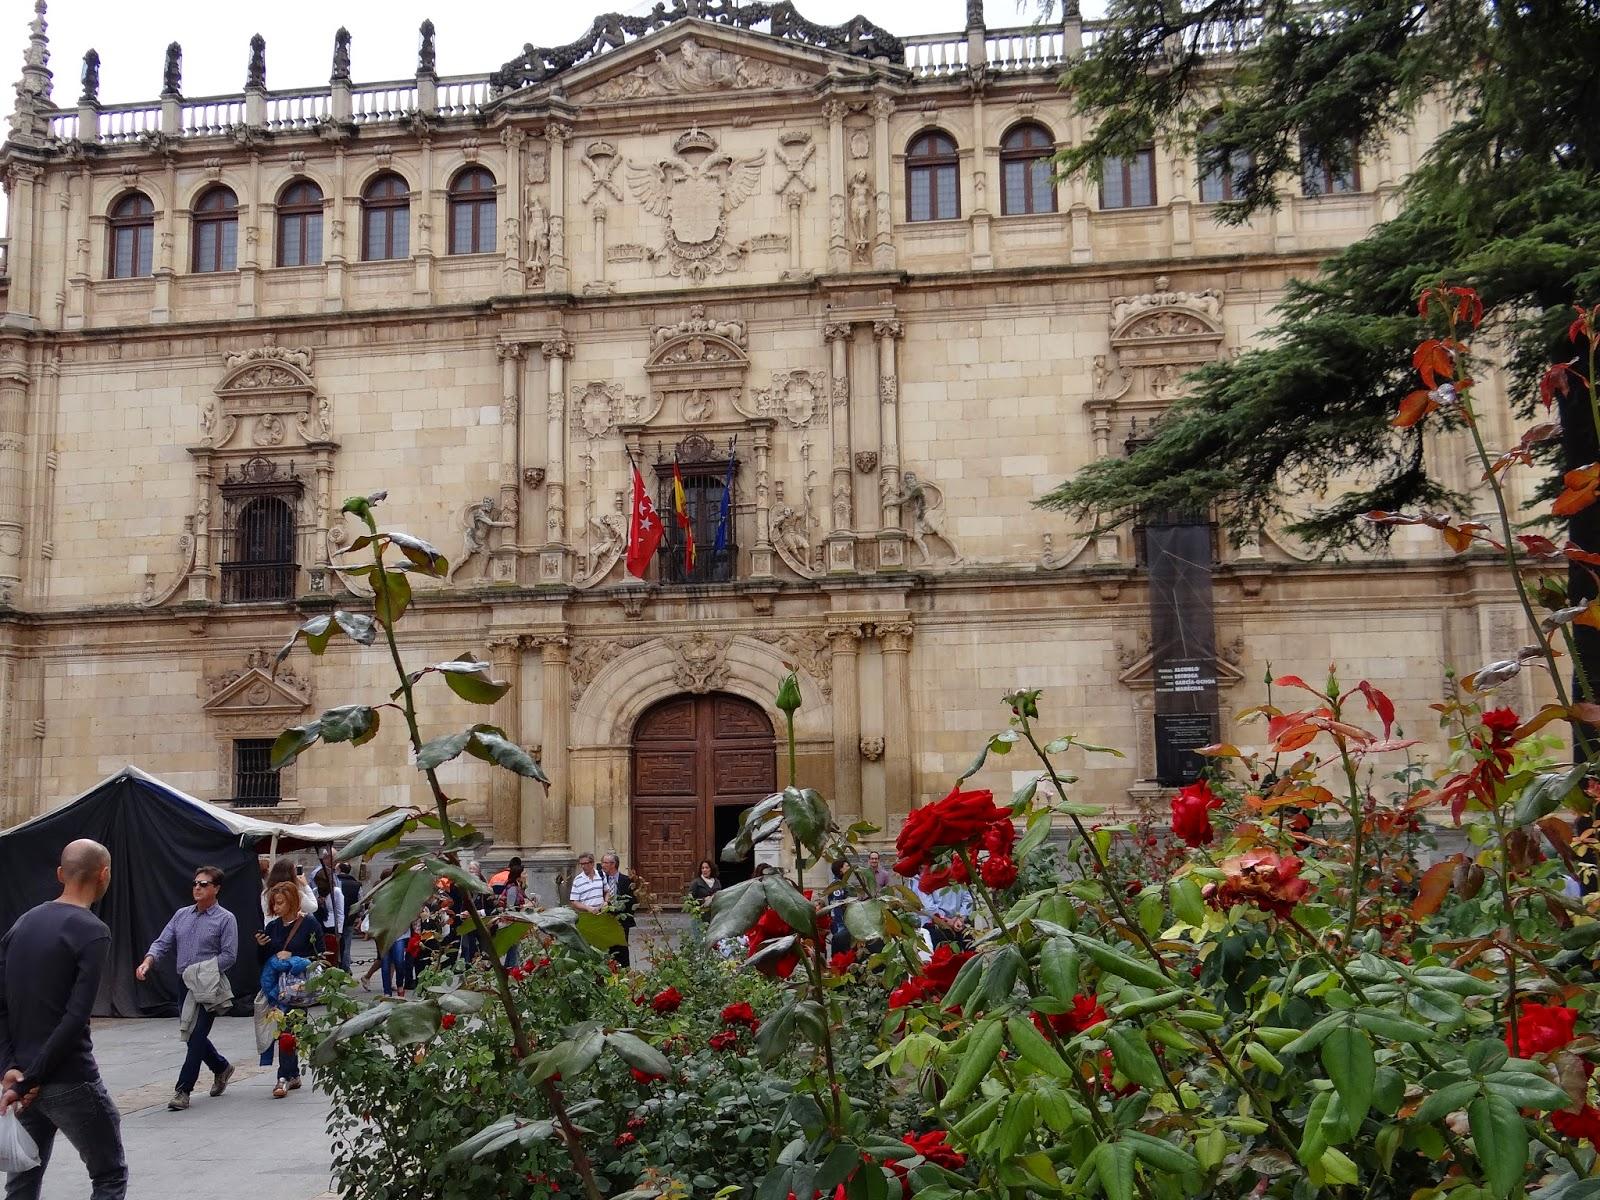 Rectorado de Alcalá de Henares